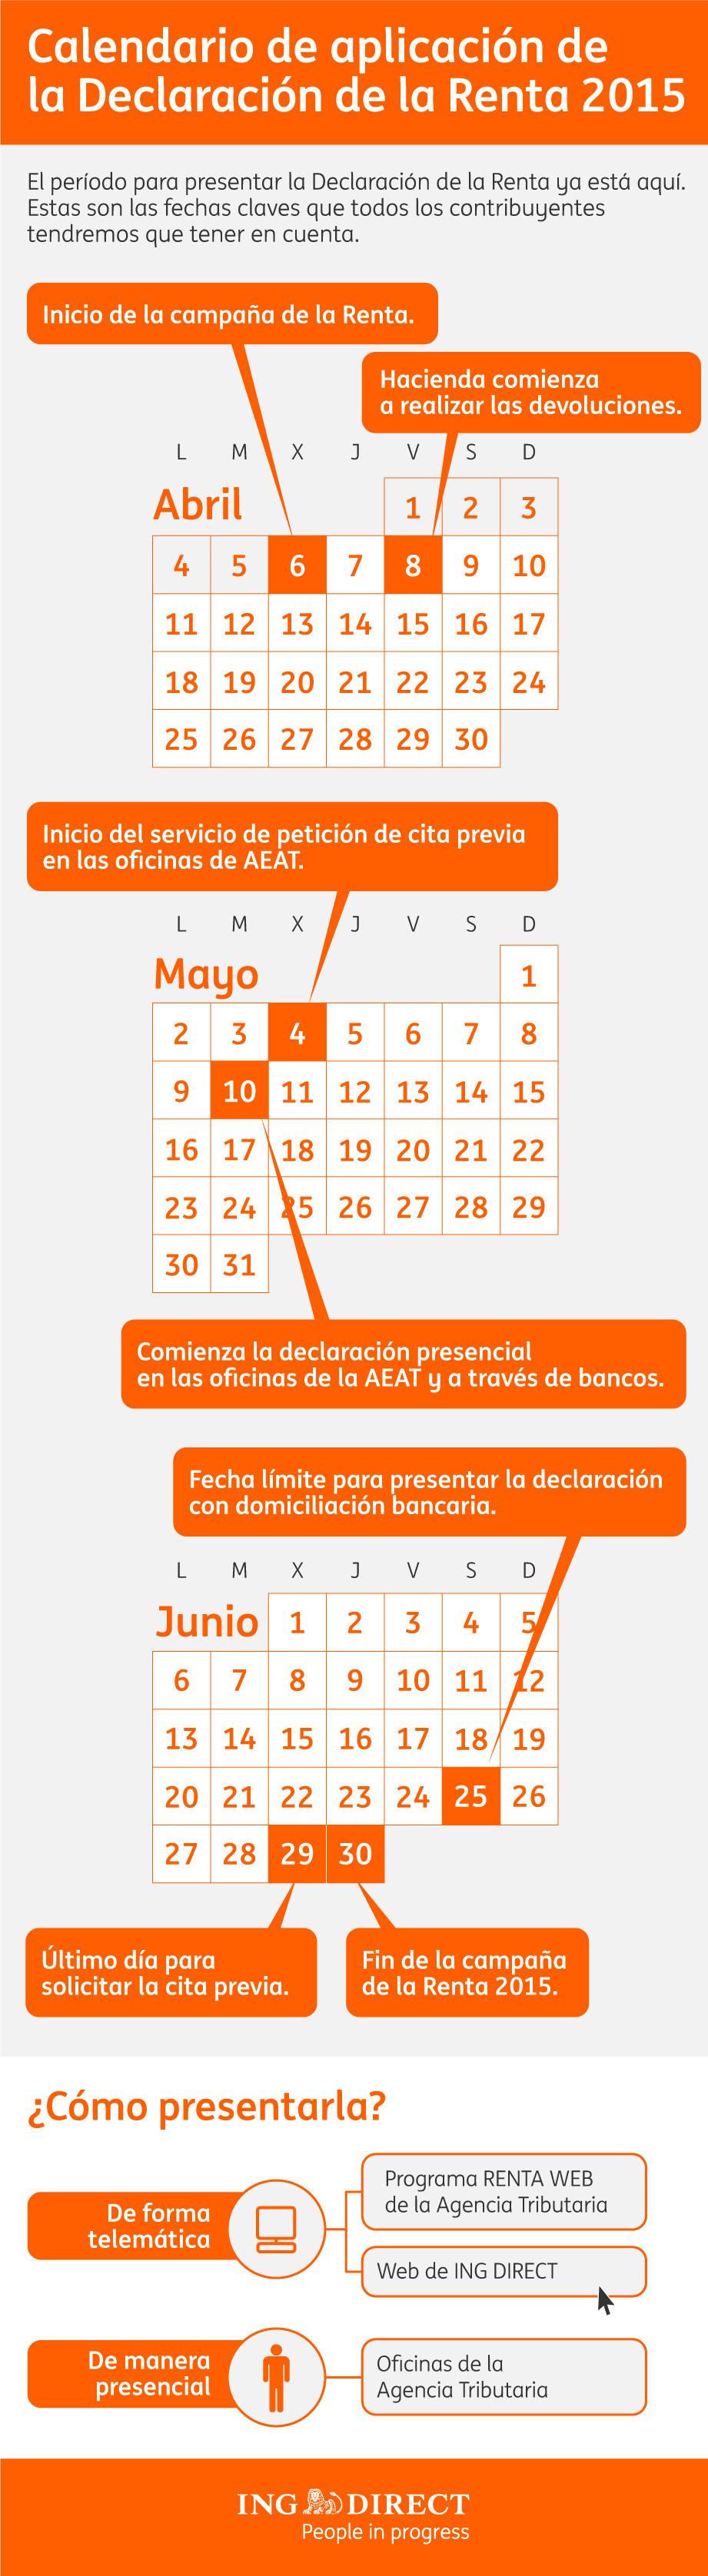 Renta2015Calendario03